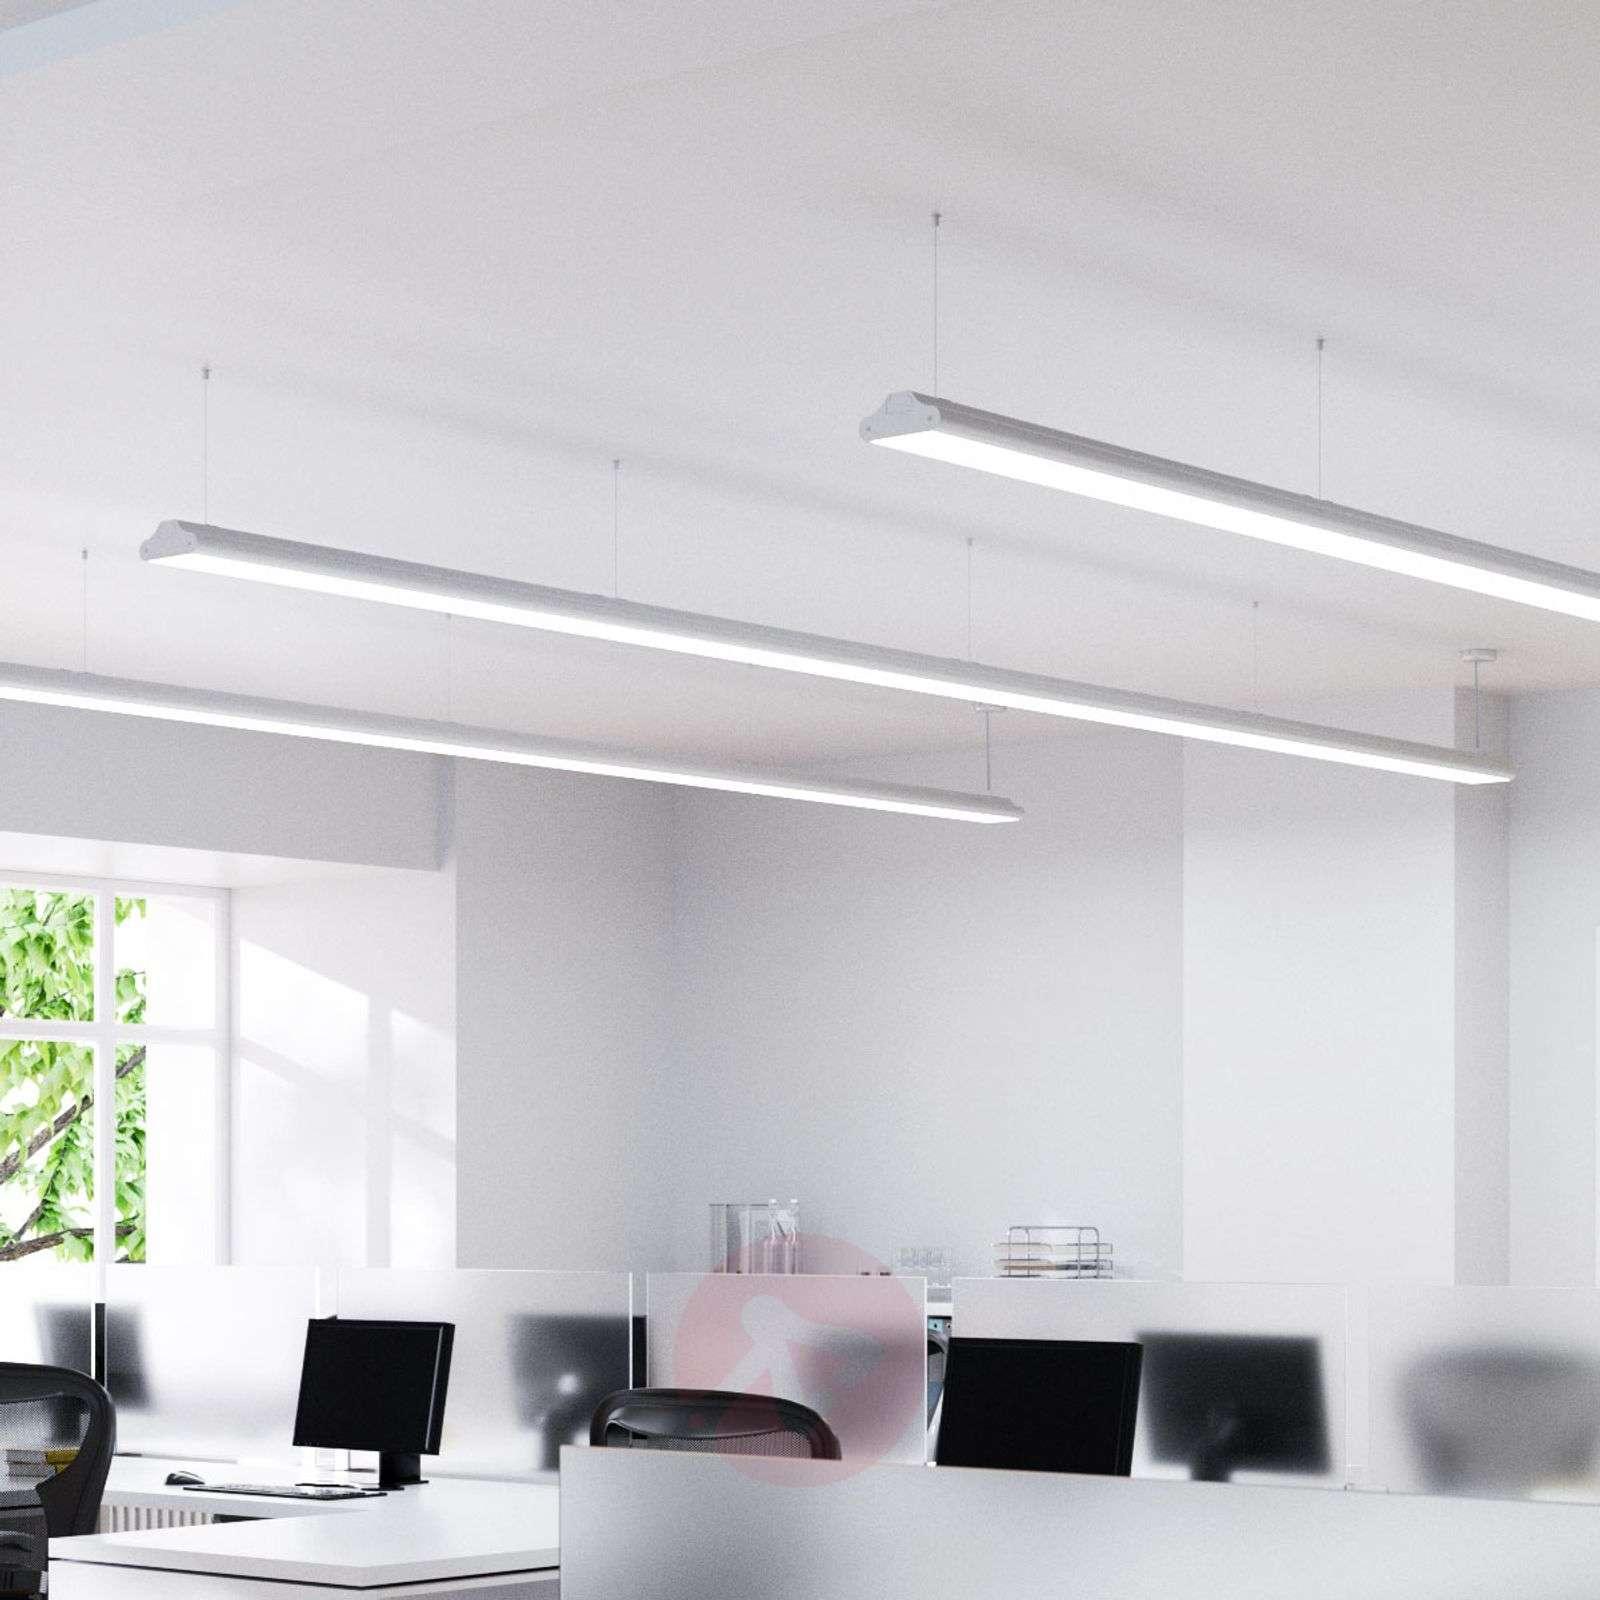 LED-riippuvalaisin Lexine neutraali valkoinen-9968010-01